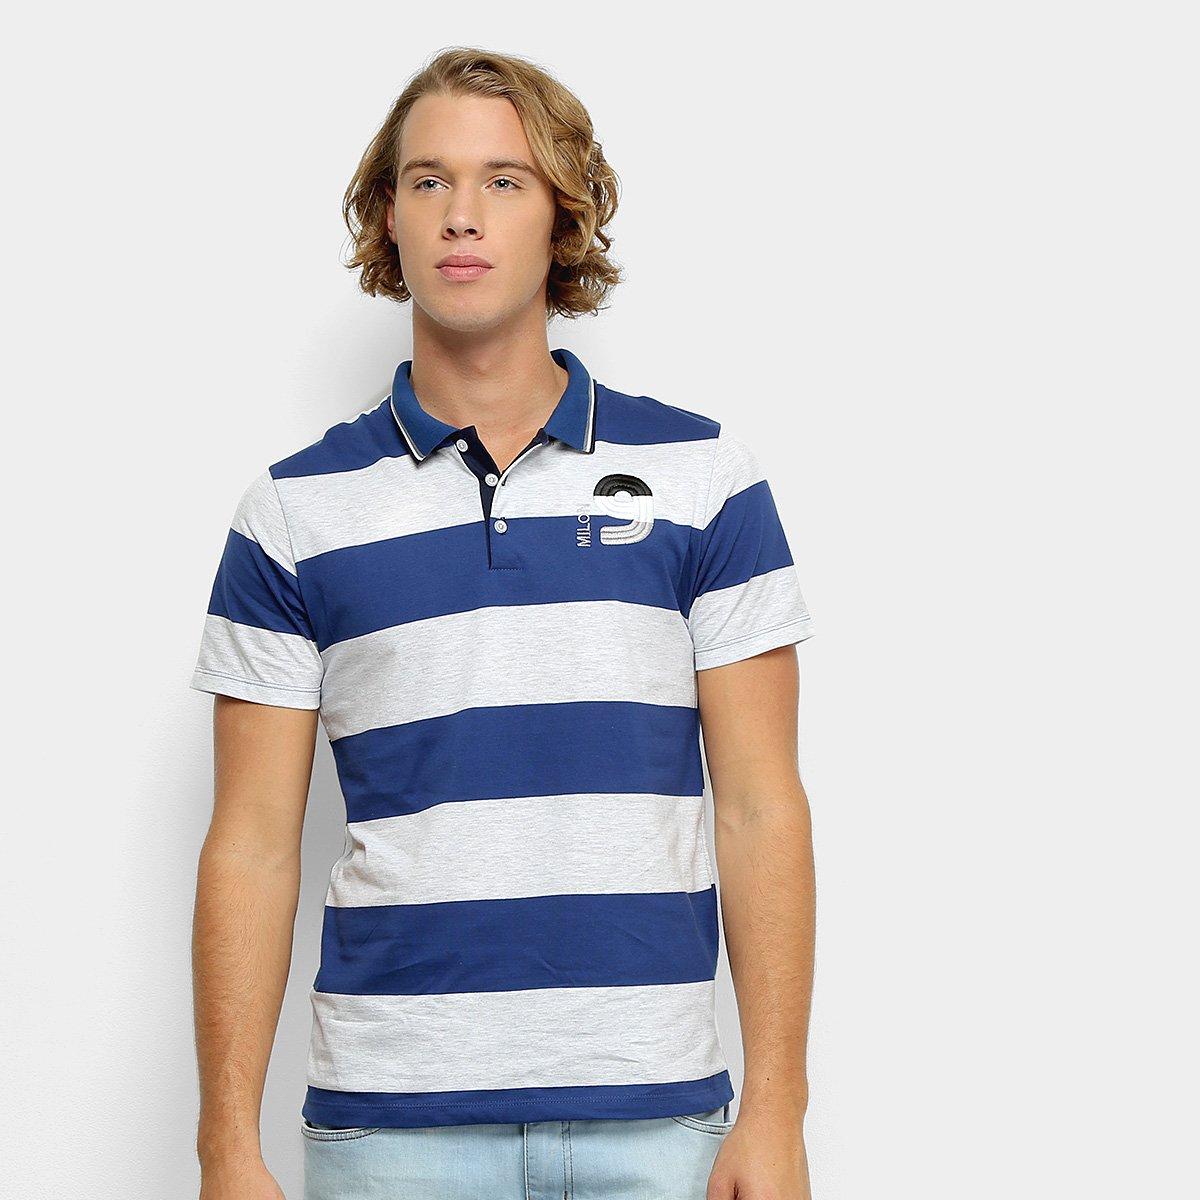 e2b04916ec Camisa Polo Milon Fio Tinto Listrada Masculina